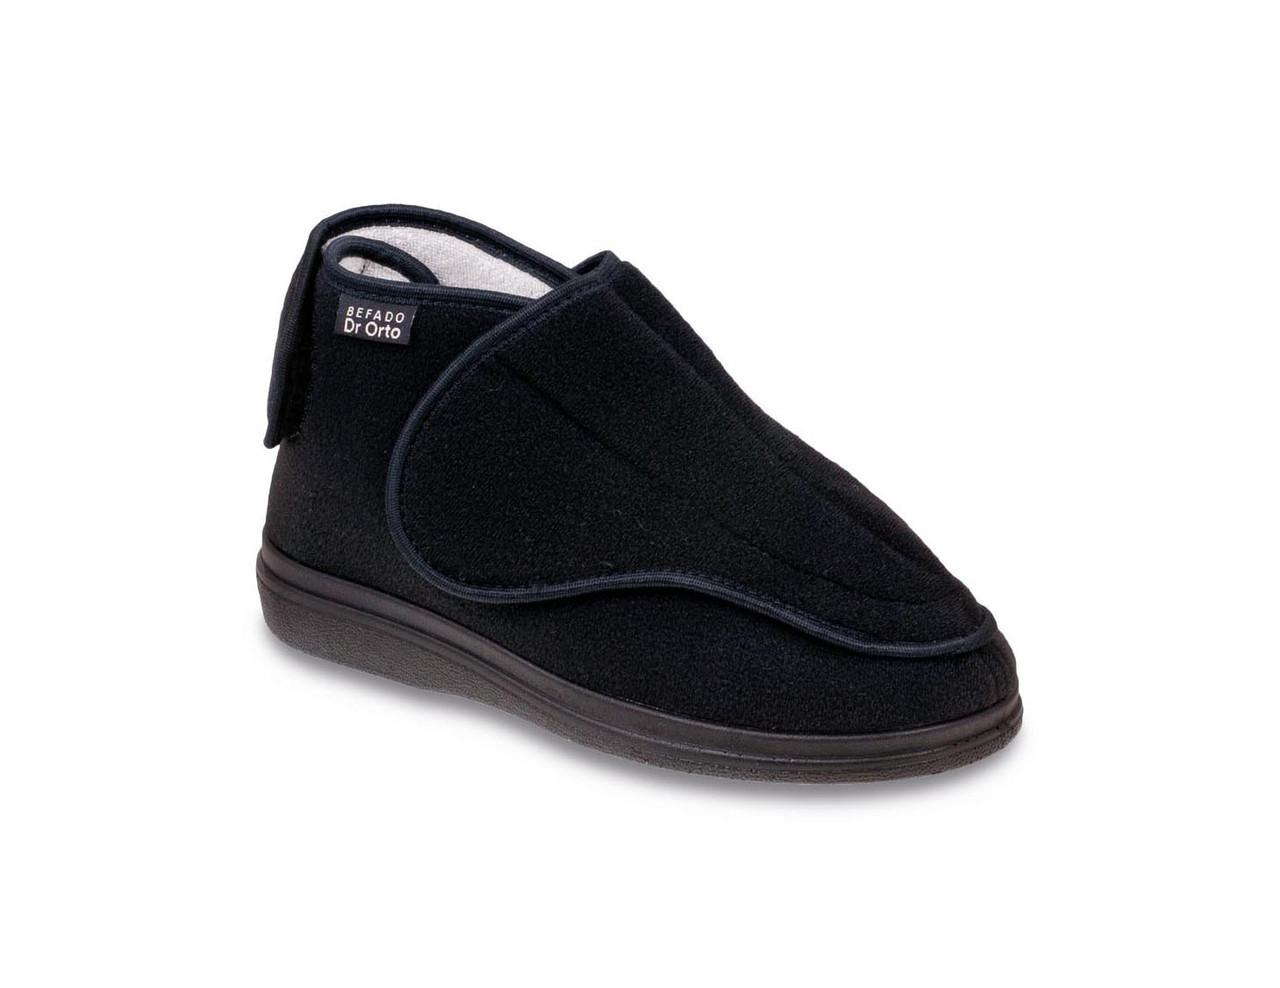 Ботинки диабетические, для проблемных ног женские DrOrto 163 D 002 Ботинки, Липучка, 36, Диабетическая, При синдроме диабетической стопы